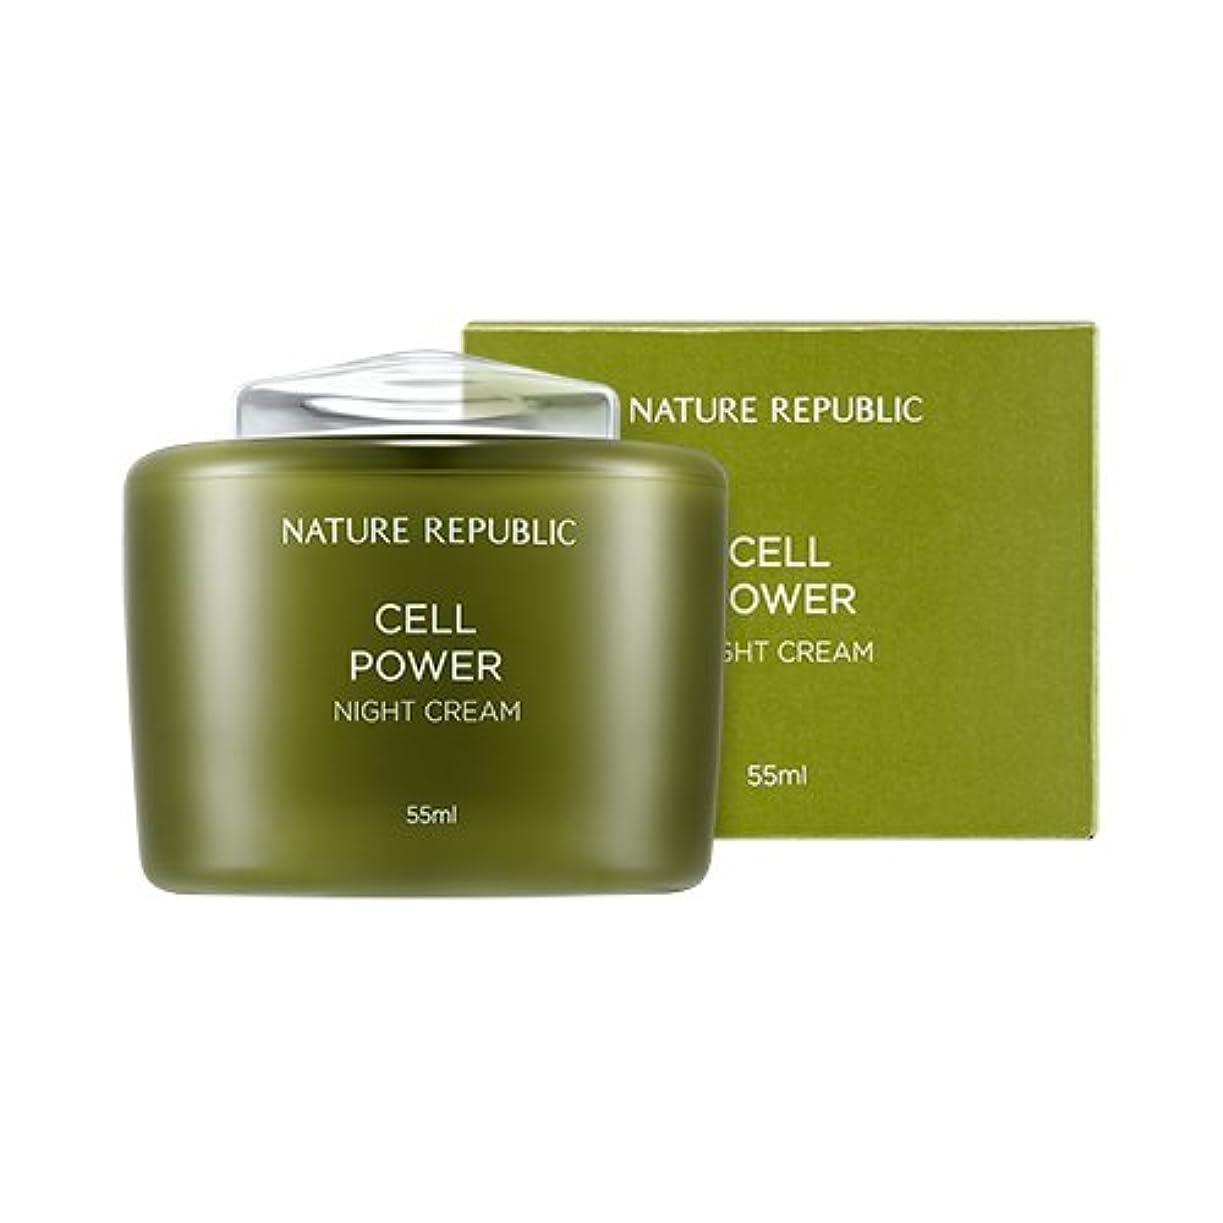 私たちの定義こねるNature Republic Cell Power Night Cream ネイチャーリパブリックセルパワーナイトクリーム [並行輸入品]